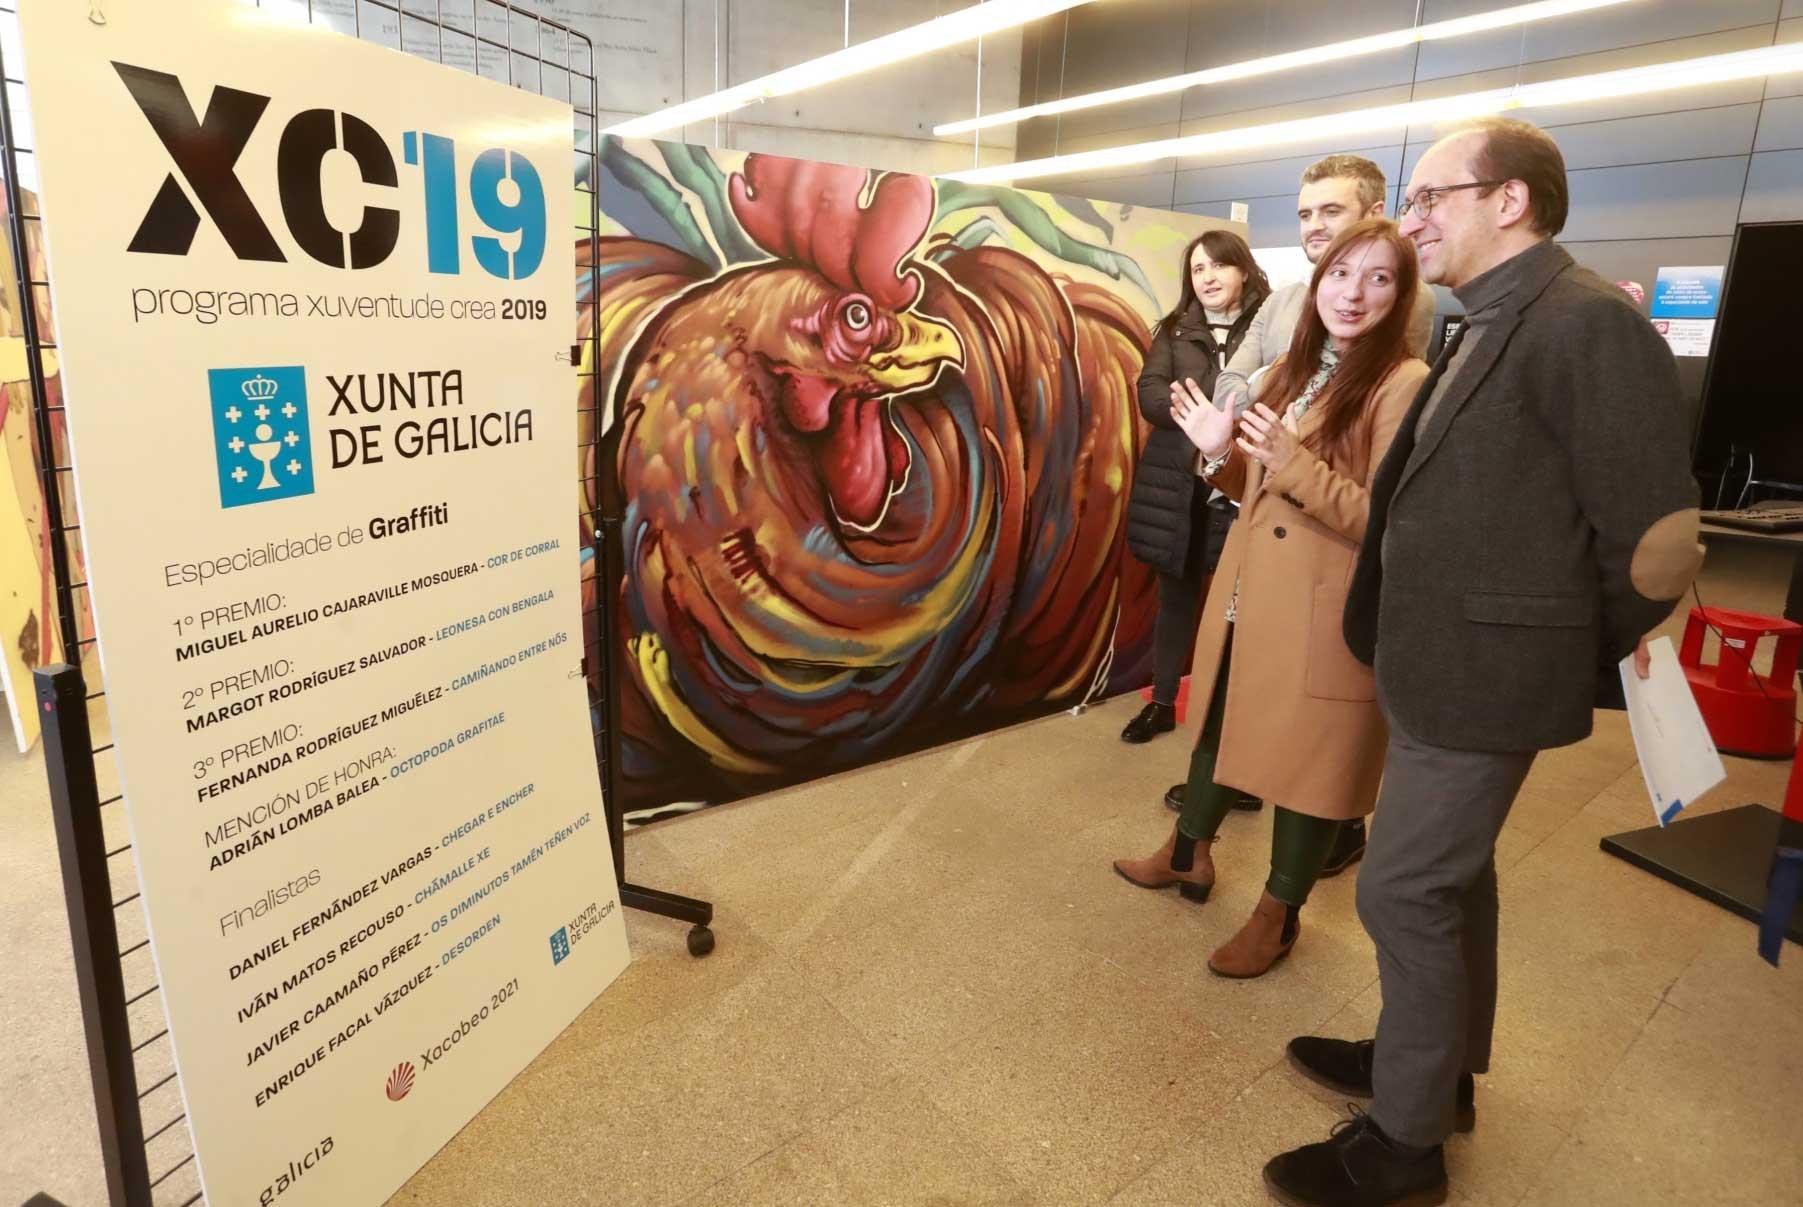 Exposición graffitis programa Xuventude Crea 2019